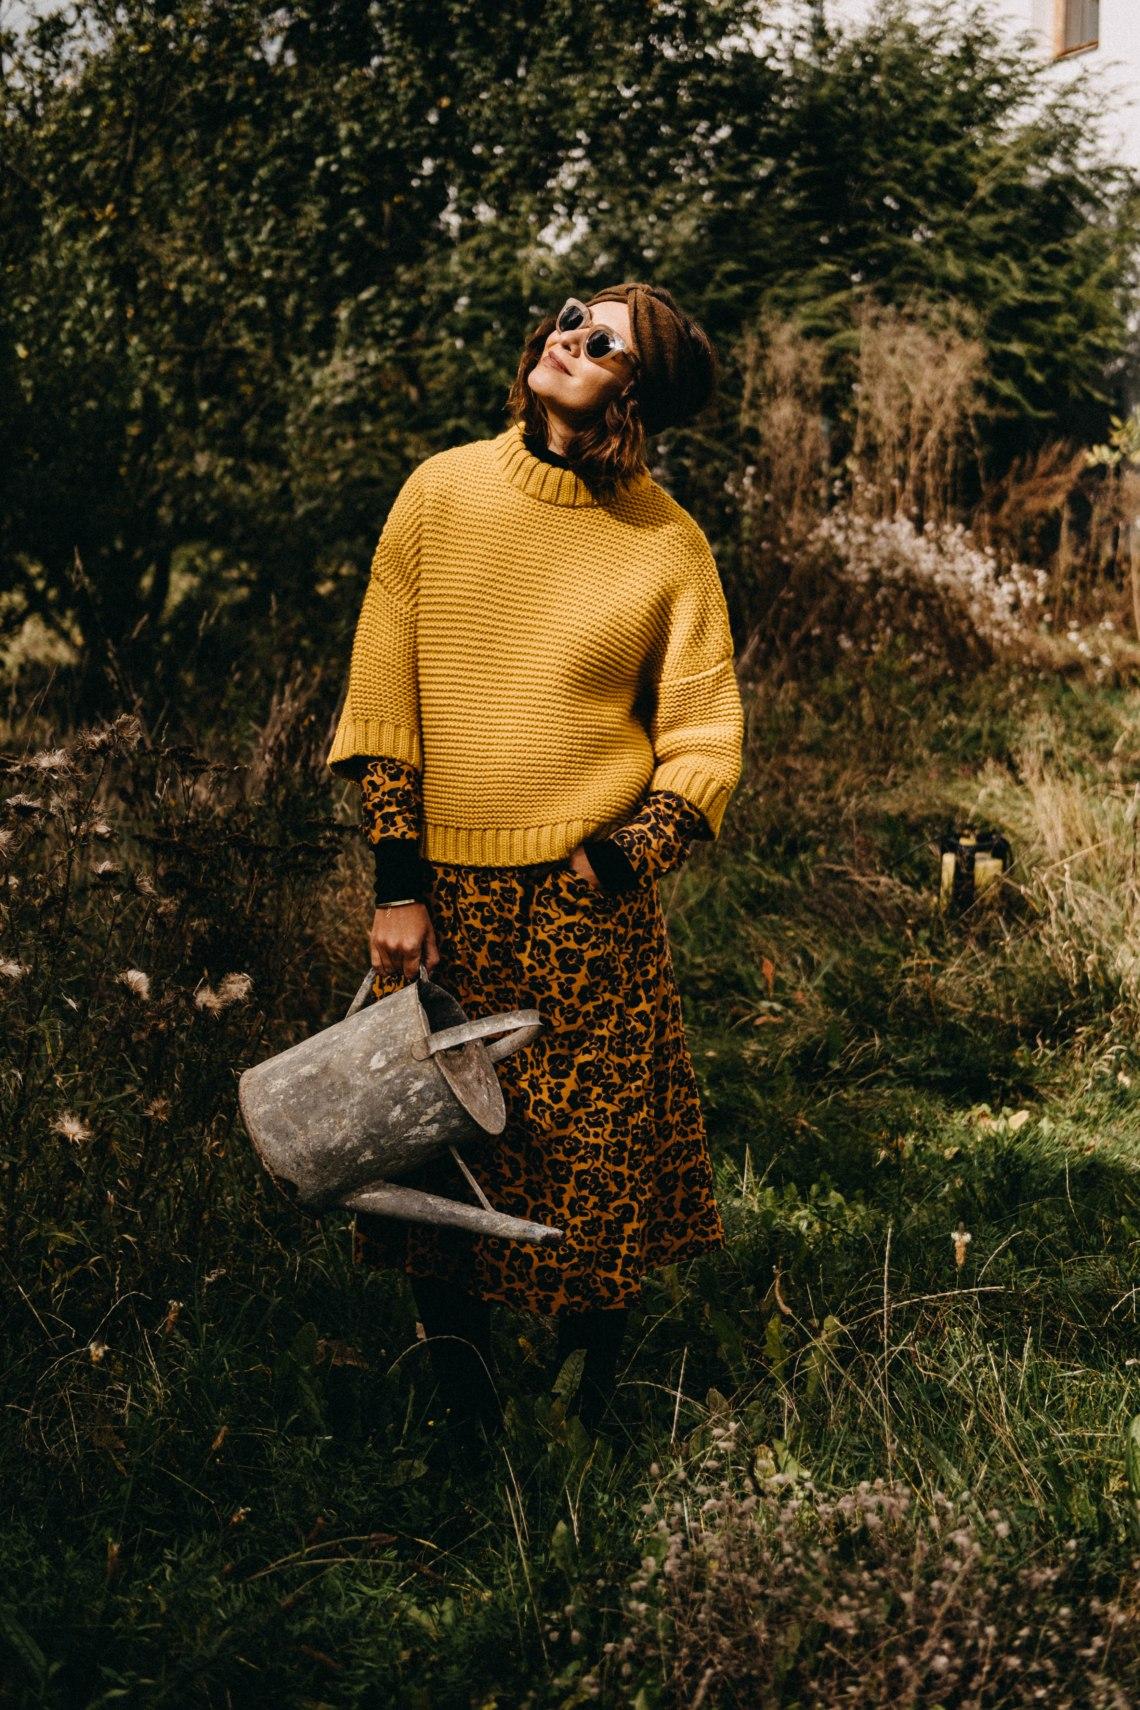 nila-podzim-78.jpg